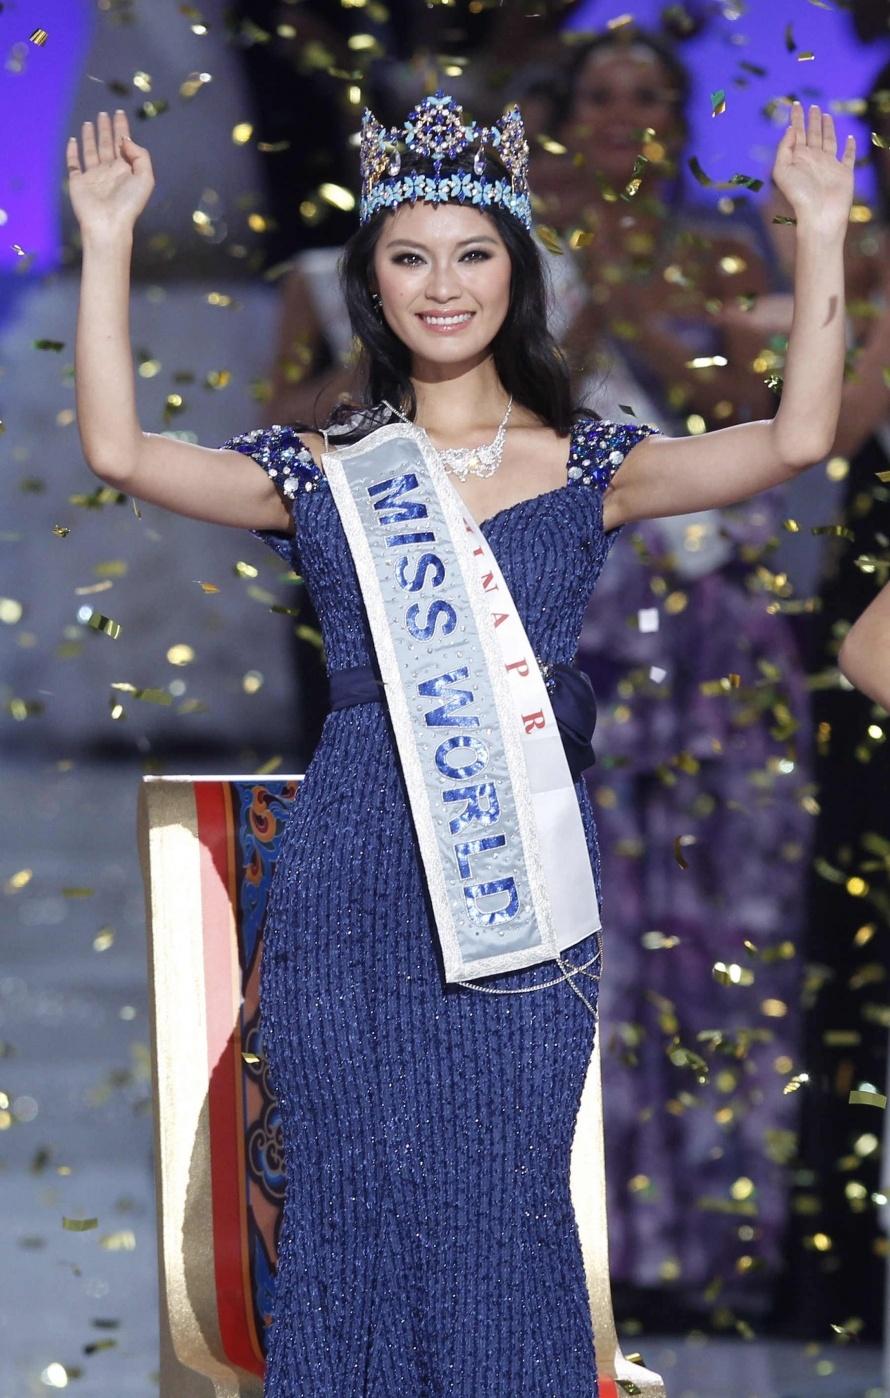 Foto kontestan miss world 2012